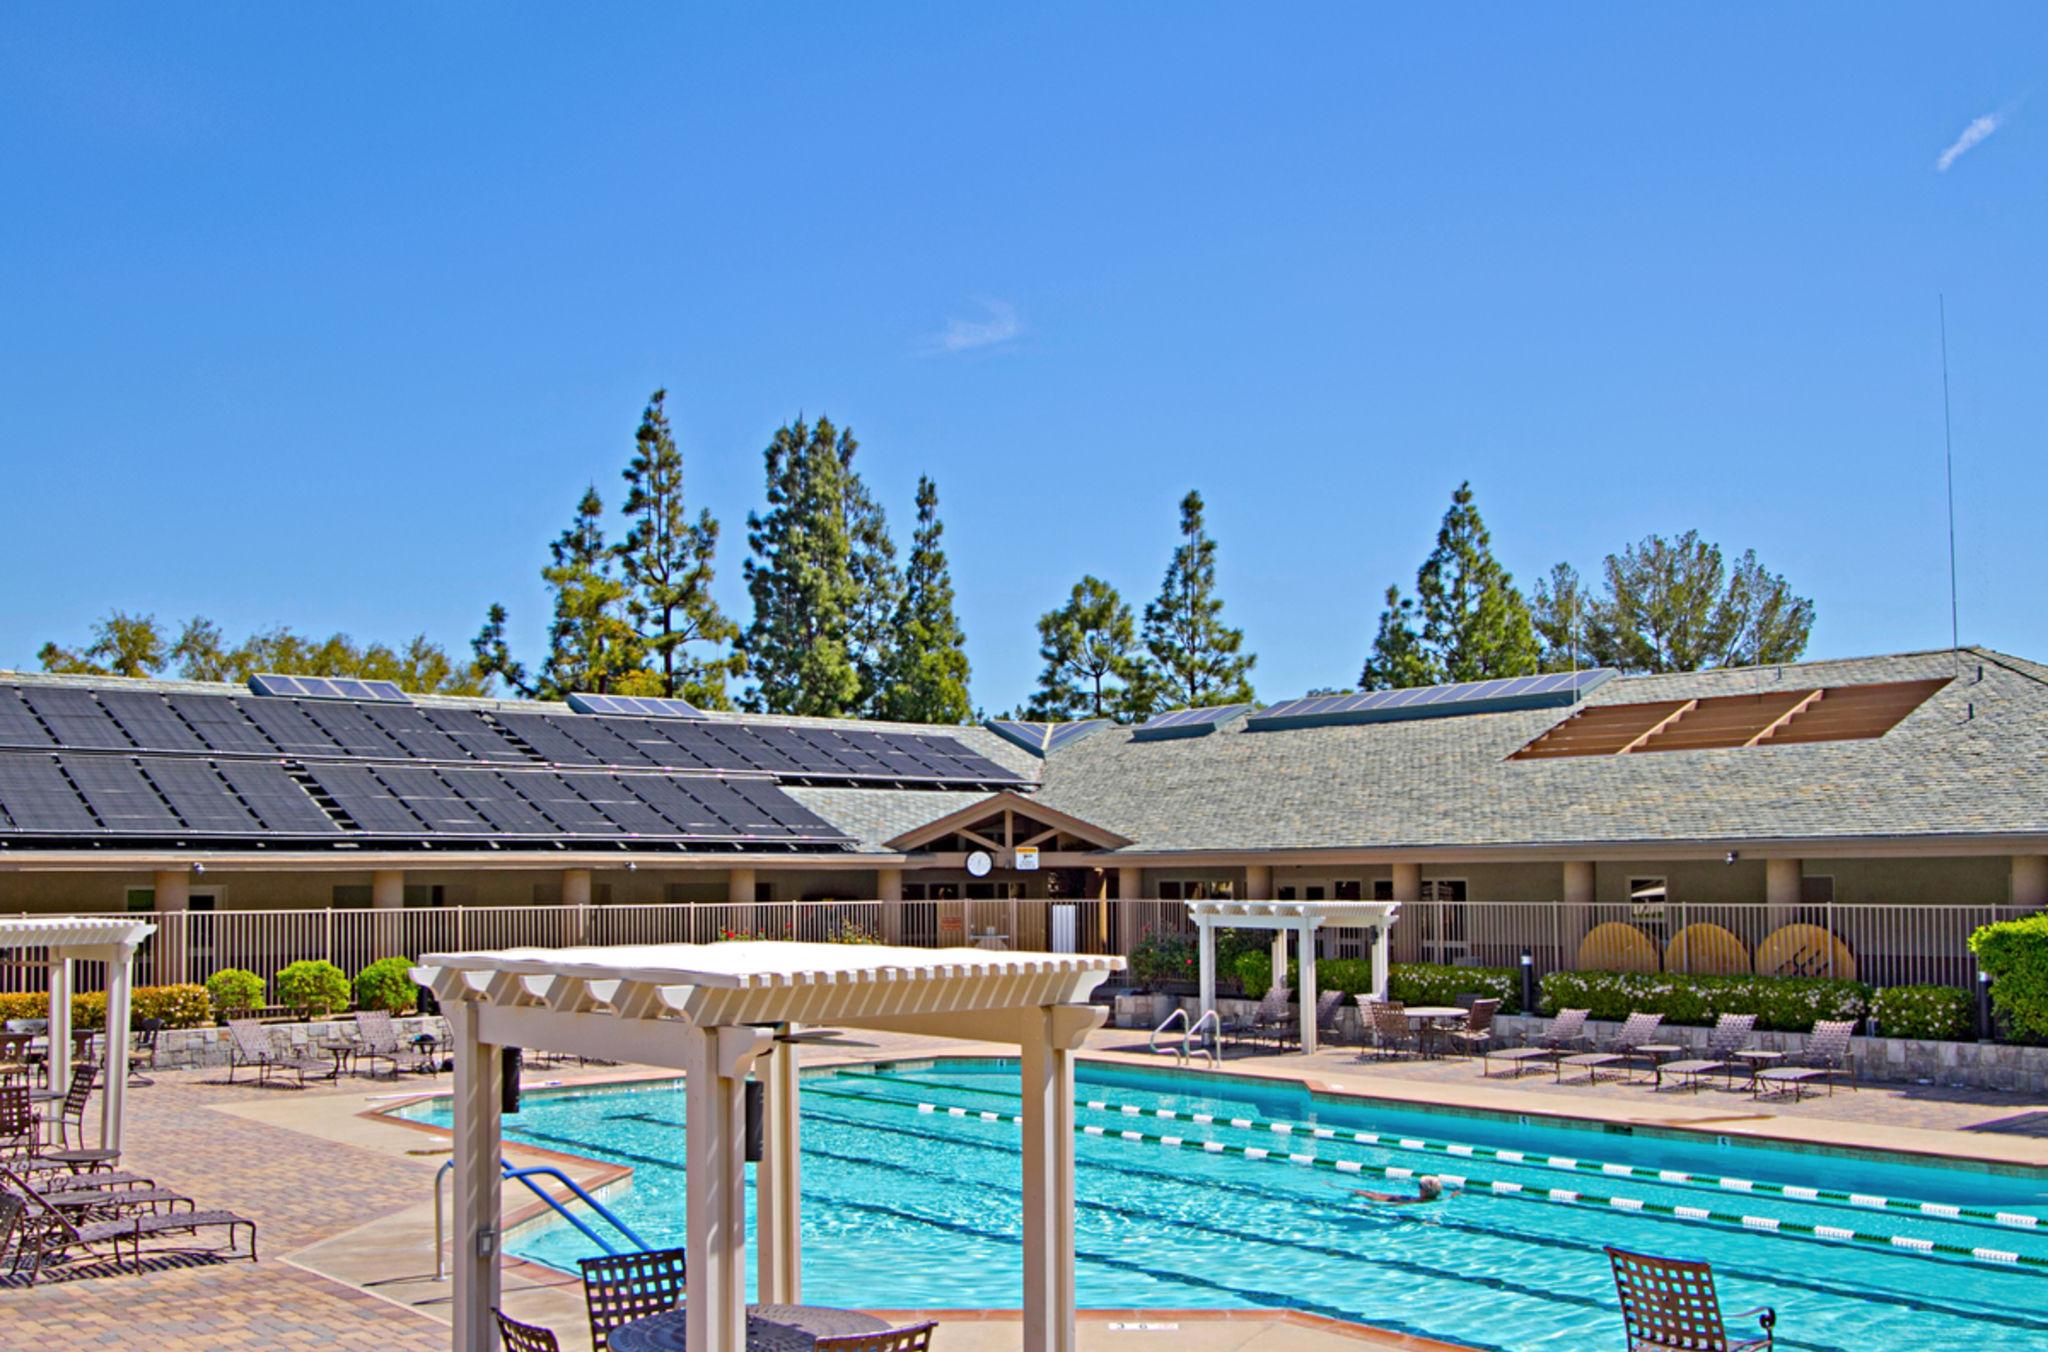 38578 Lochinvar Court Murrieta, California by Susan Dagley